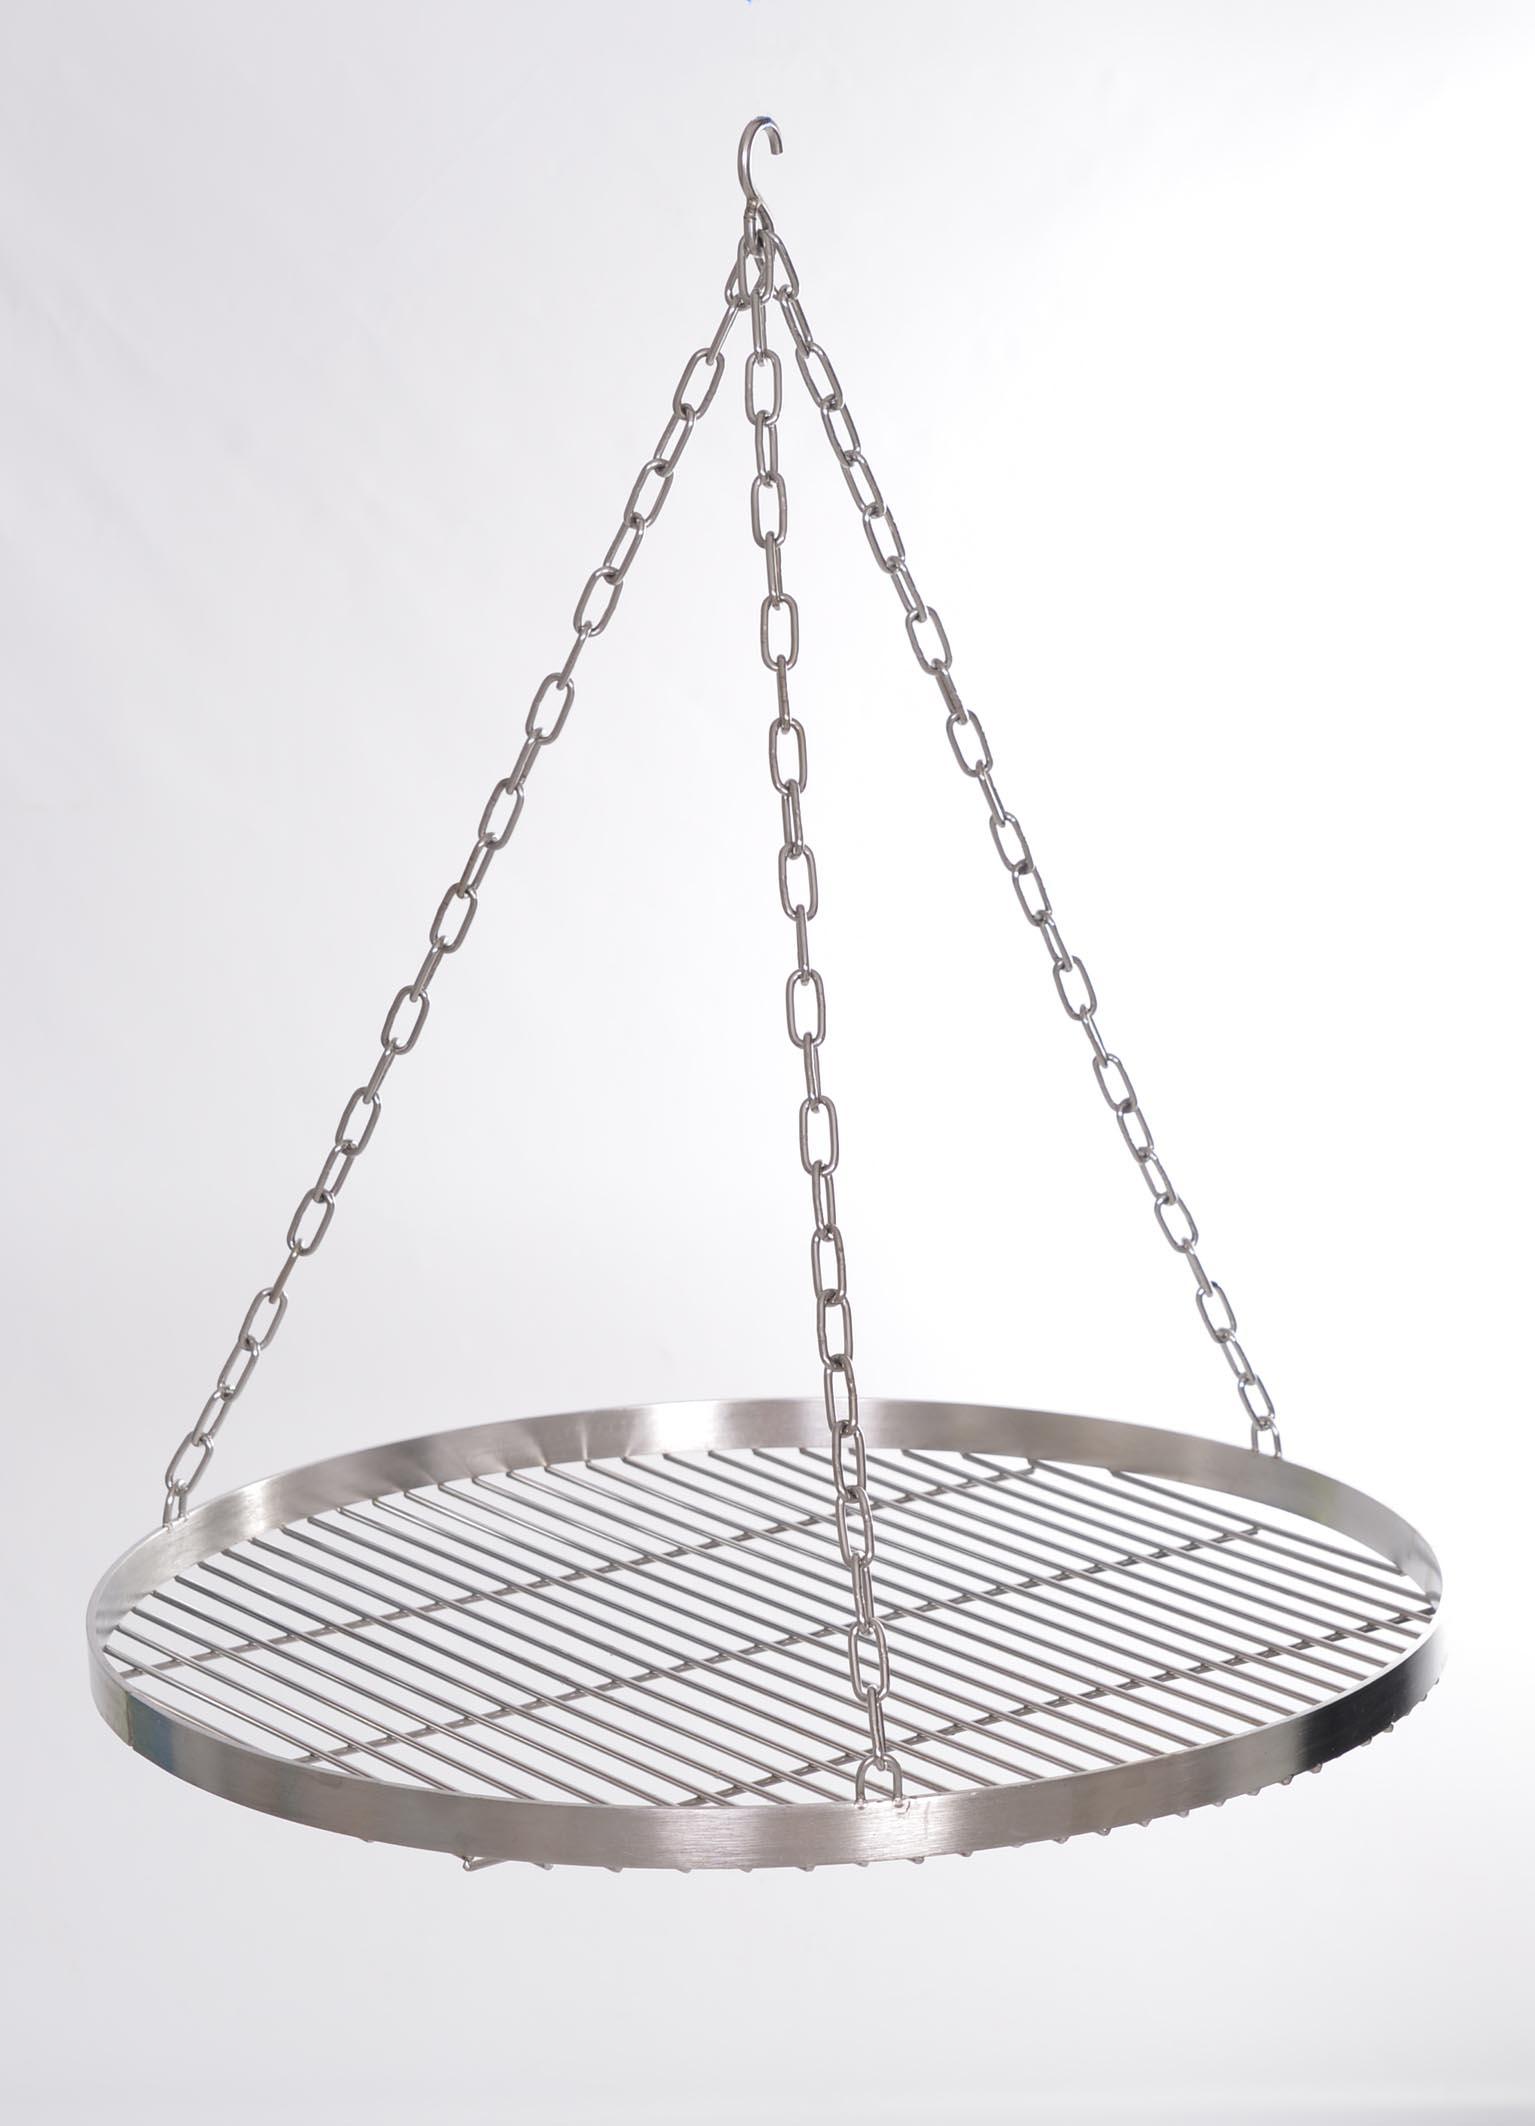 70cm edelstahl schwenkgrill 14 mm stababstand grill grillrost schwenker ebay. Black Bedroom Furniture Sets. Home Design Ideas